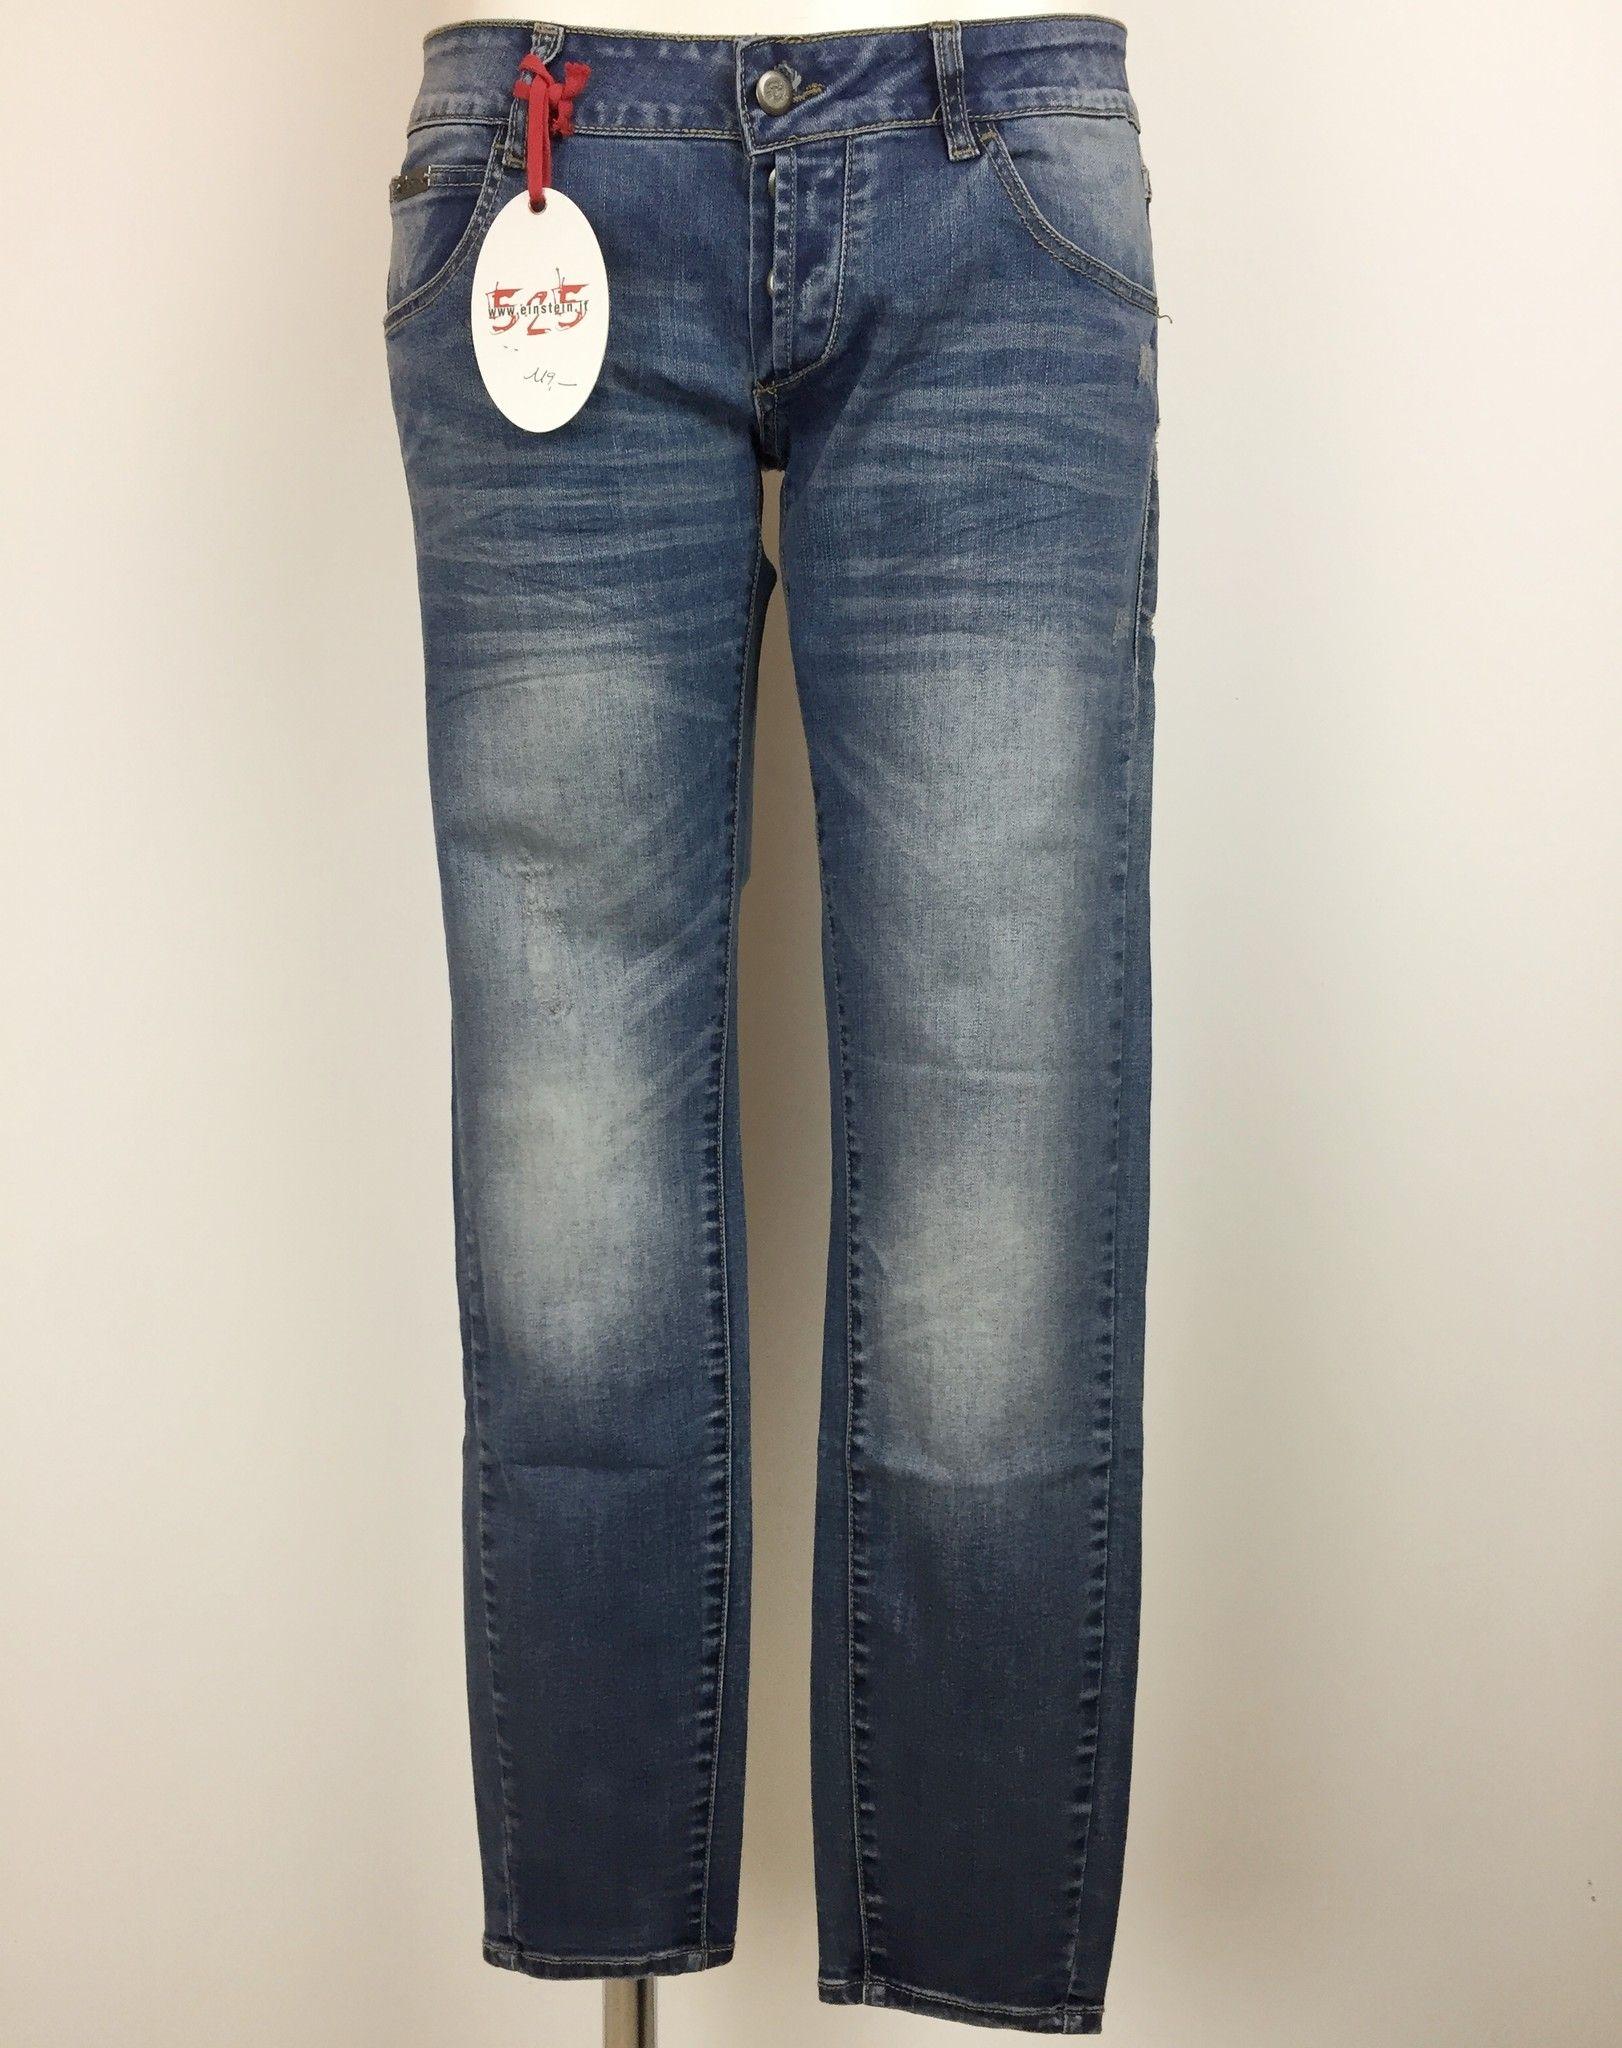 Jeans Sexy Woman Elasticizzati 525 con Cerniere alla Caviglia Cod.P454526